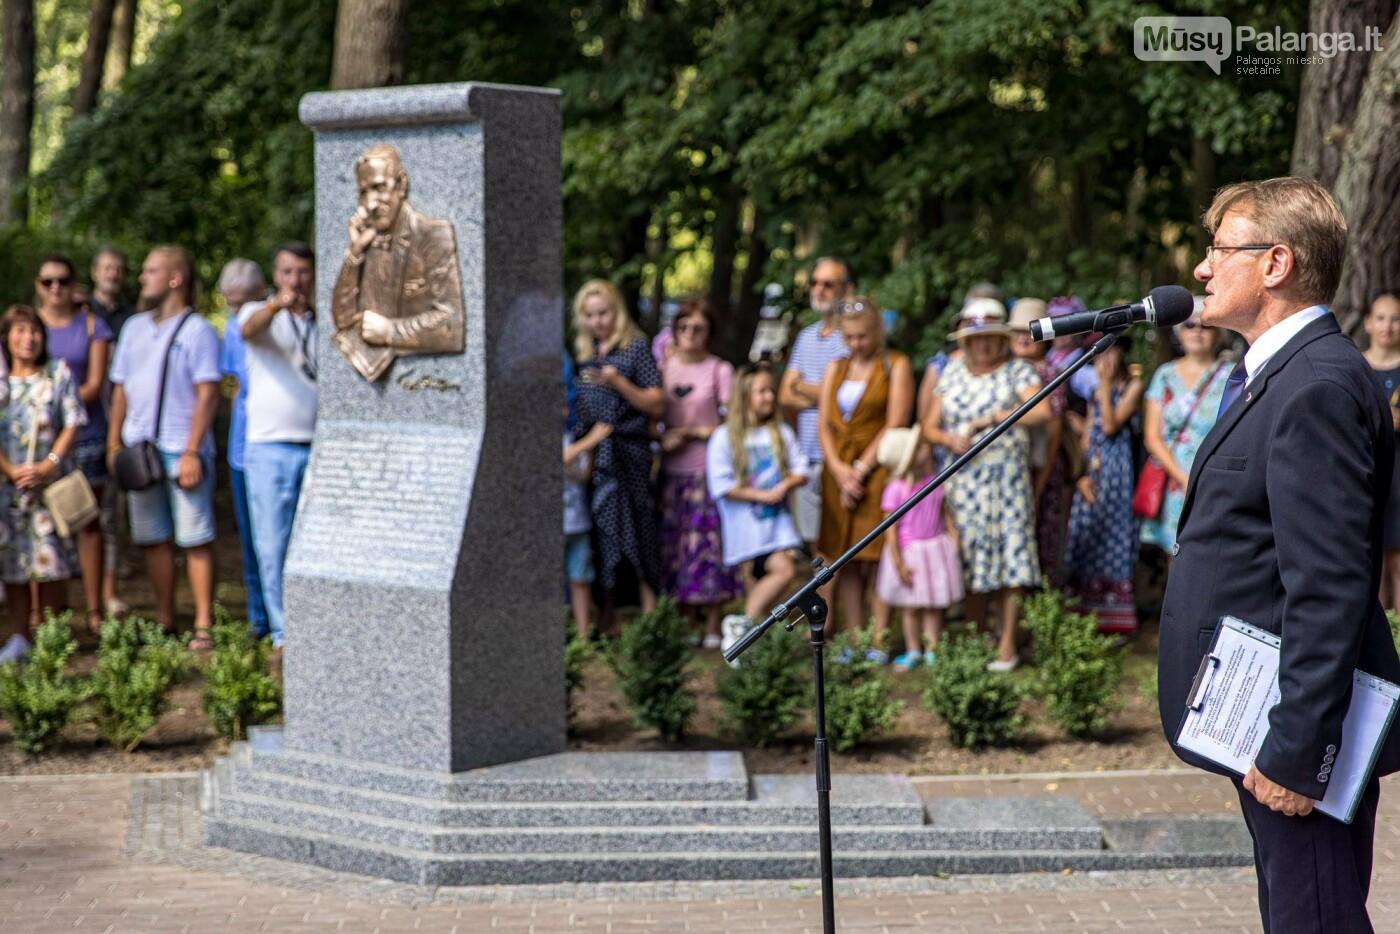 Skulptūros, skirtos Dž. J. Simpsonui ir Derybinei grupei dėl Palangos grąžinimo Lietuvai įamžinti, atidarymas, nuotrauka-6